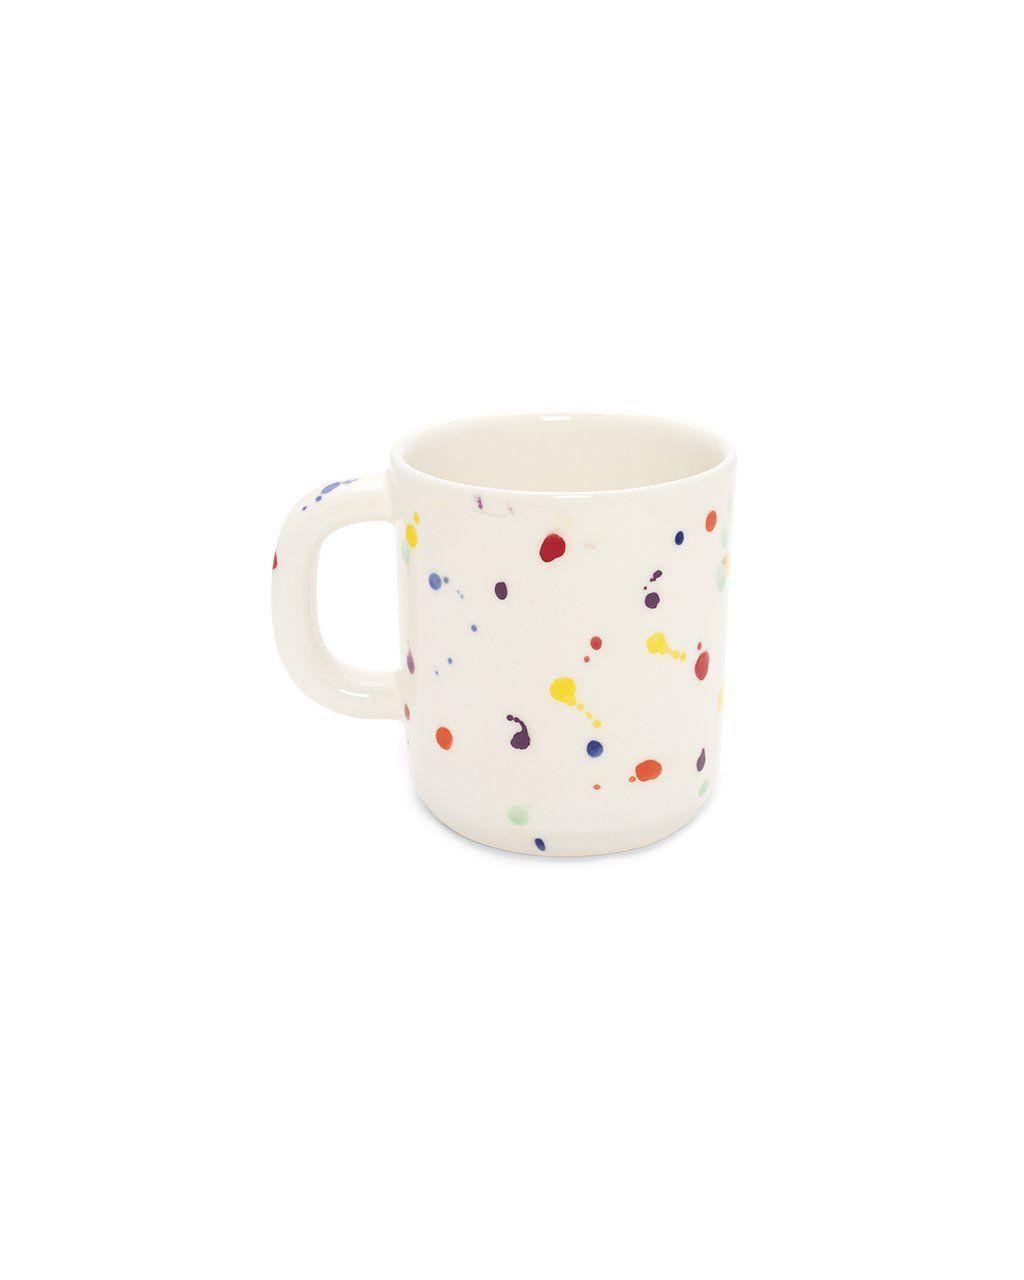 MugsBest Coffee ConfettiWants Mug Coffee MugsBest Mug ConfettiWants Coffee Mug OPZkXiu